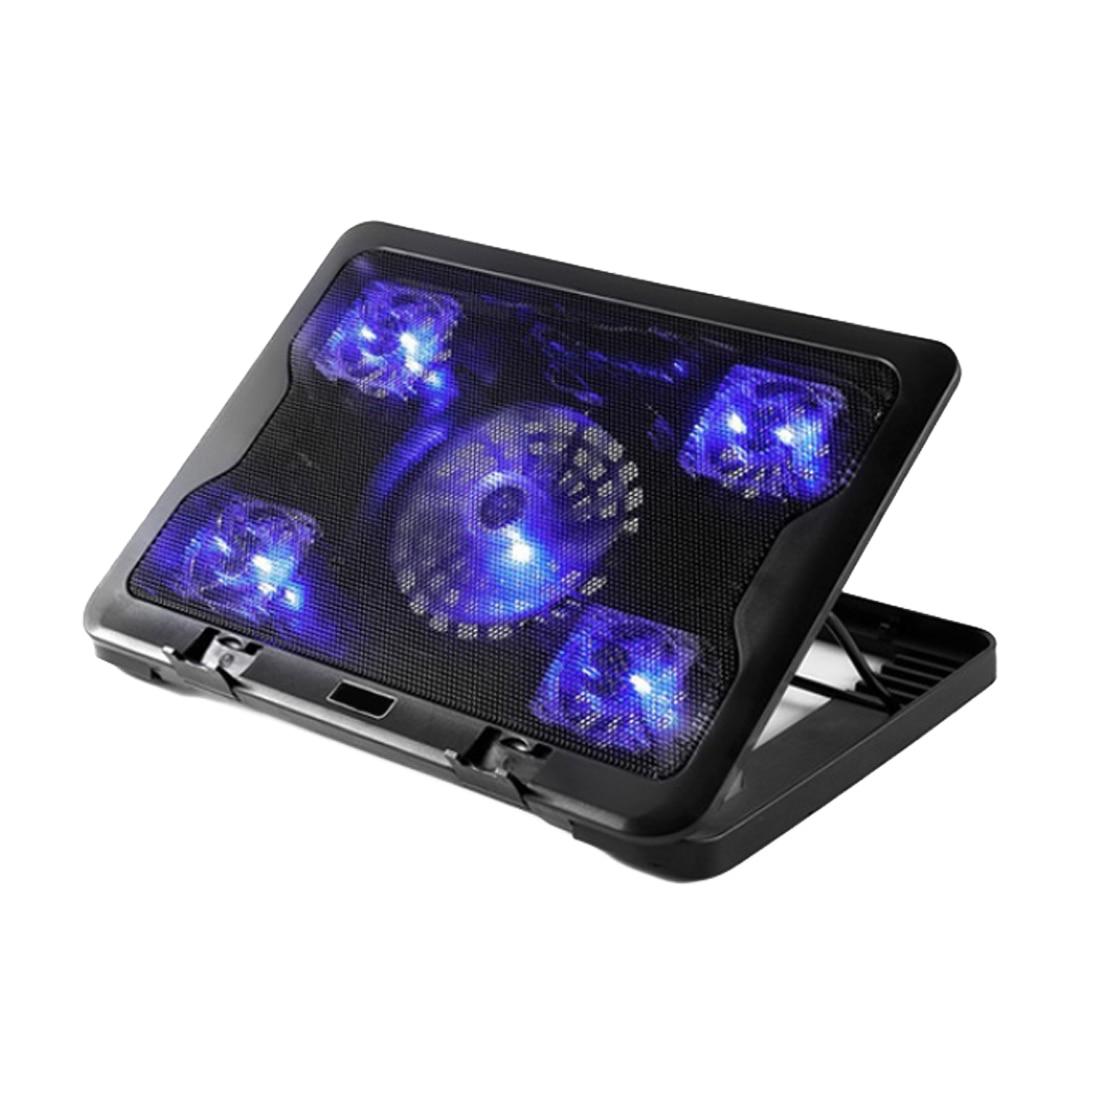 NOYOKERE marque 5 ventilateur 2 USB refroidisseur d'ordinateur portable tampon de refroidissement Base LED ordinateur portable refroidisseur ordinateur USB ventilateur support pour ordinateur portable PC Gaming 10-17